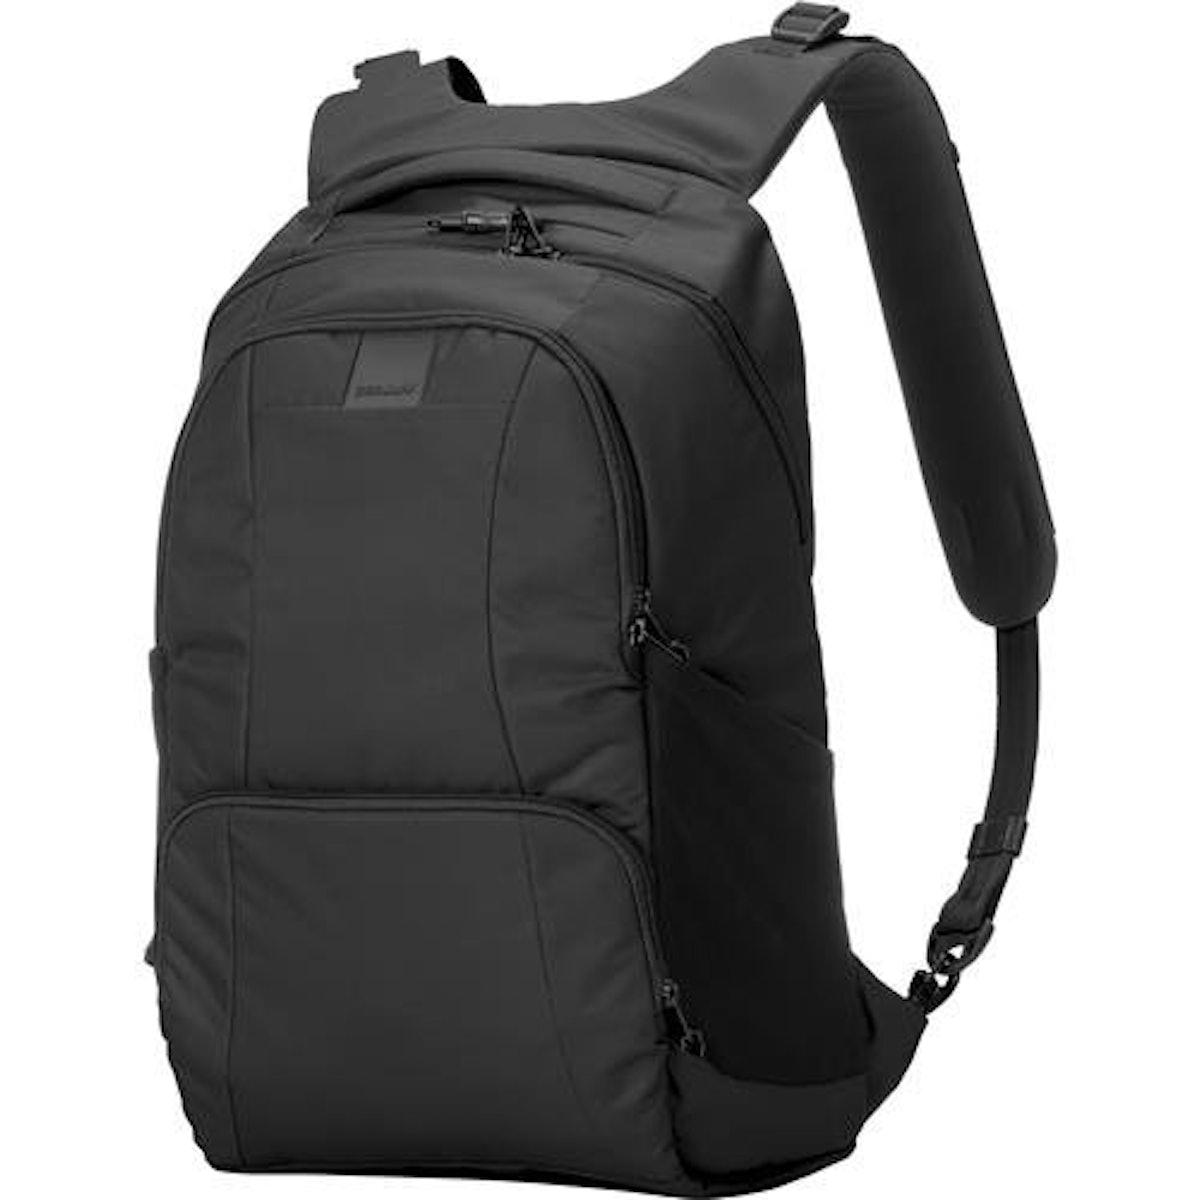 Pacsafe Metrosafe Anti-Theft Laptop Backpack